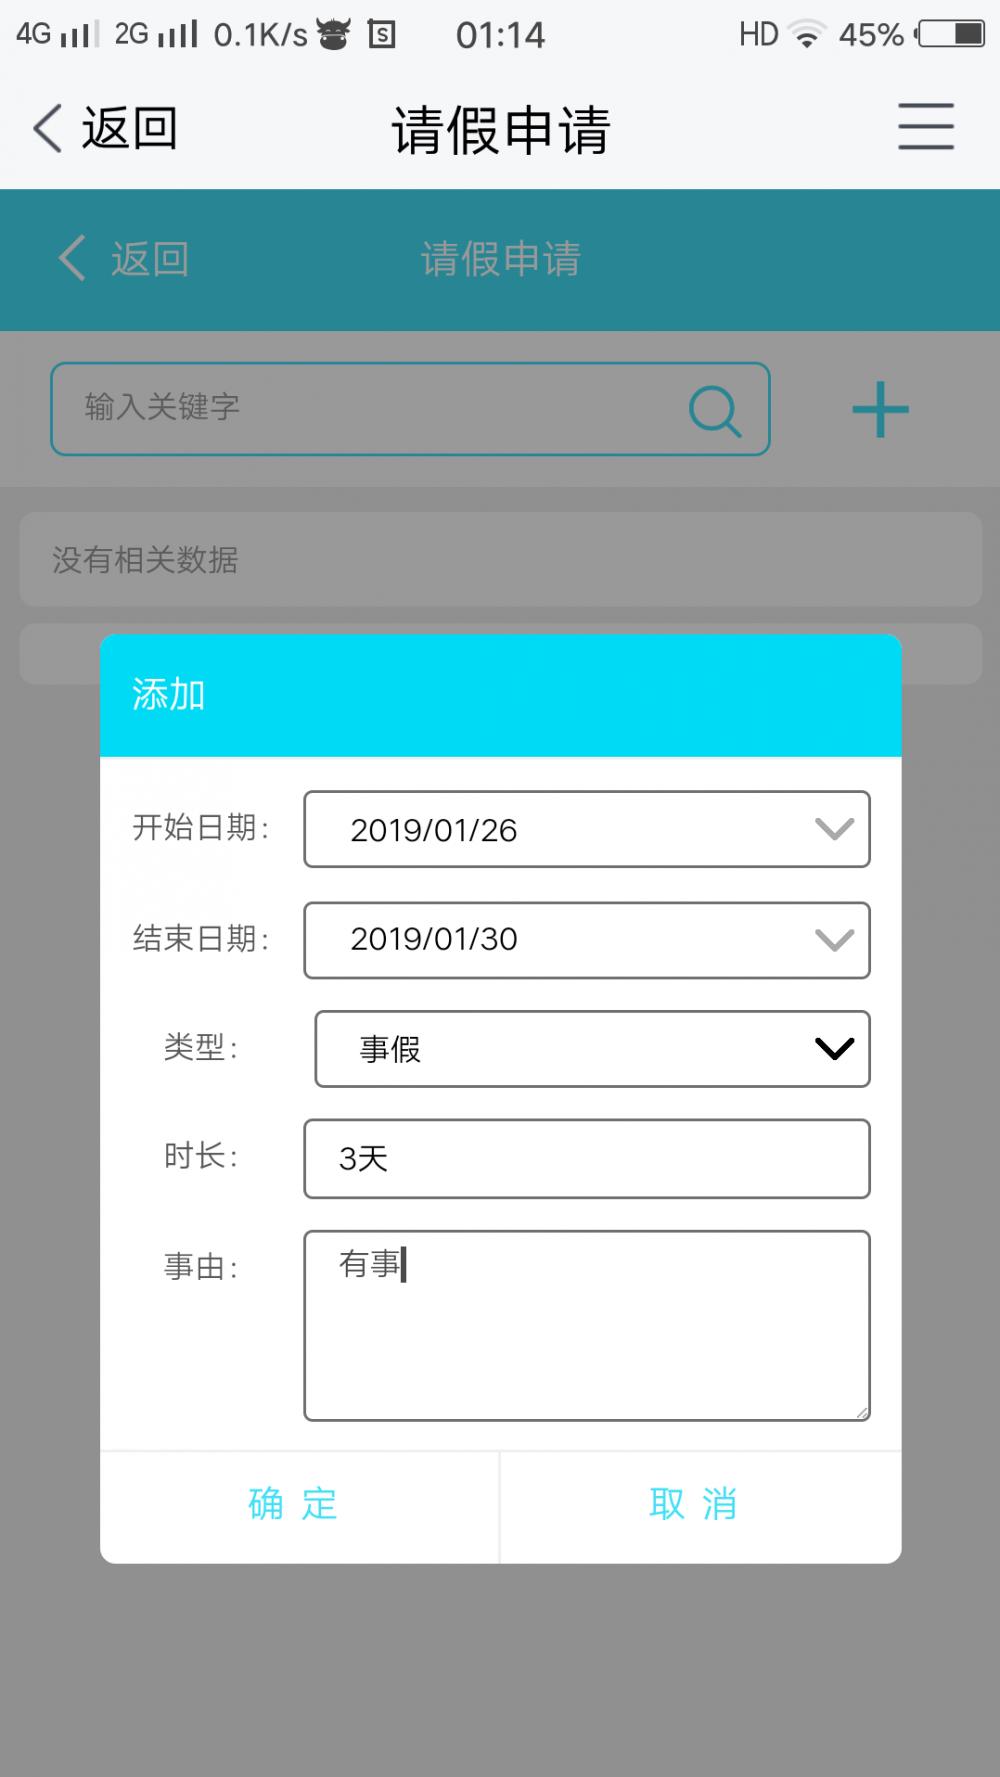 springcloud vue.js 微服务分布式 activiti工作流 前后分离 集成代码生成器 shiro权限